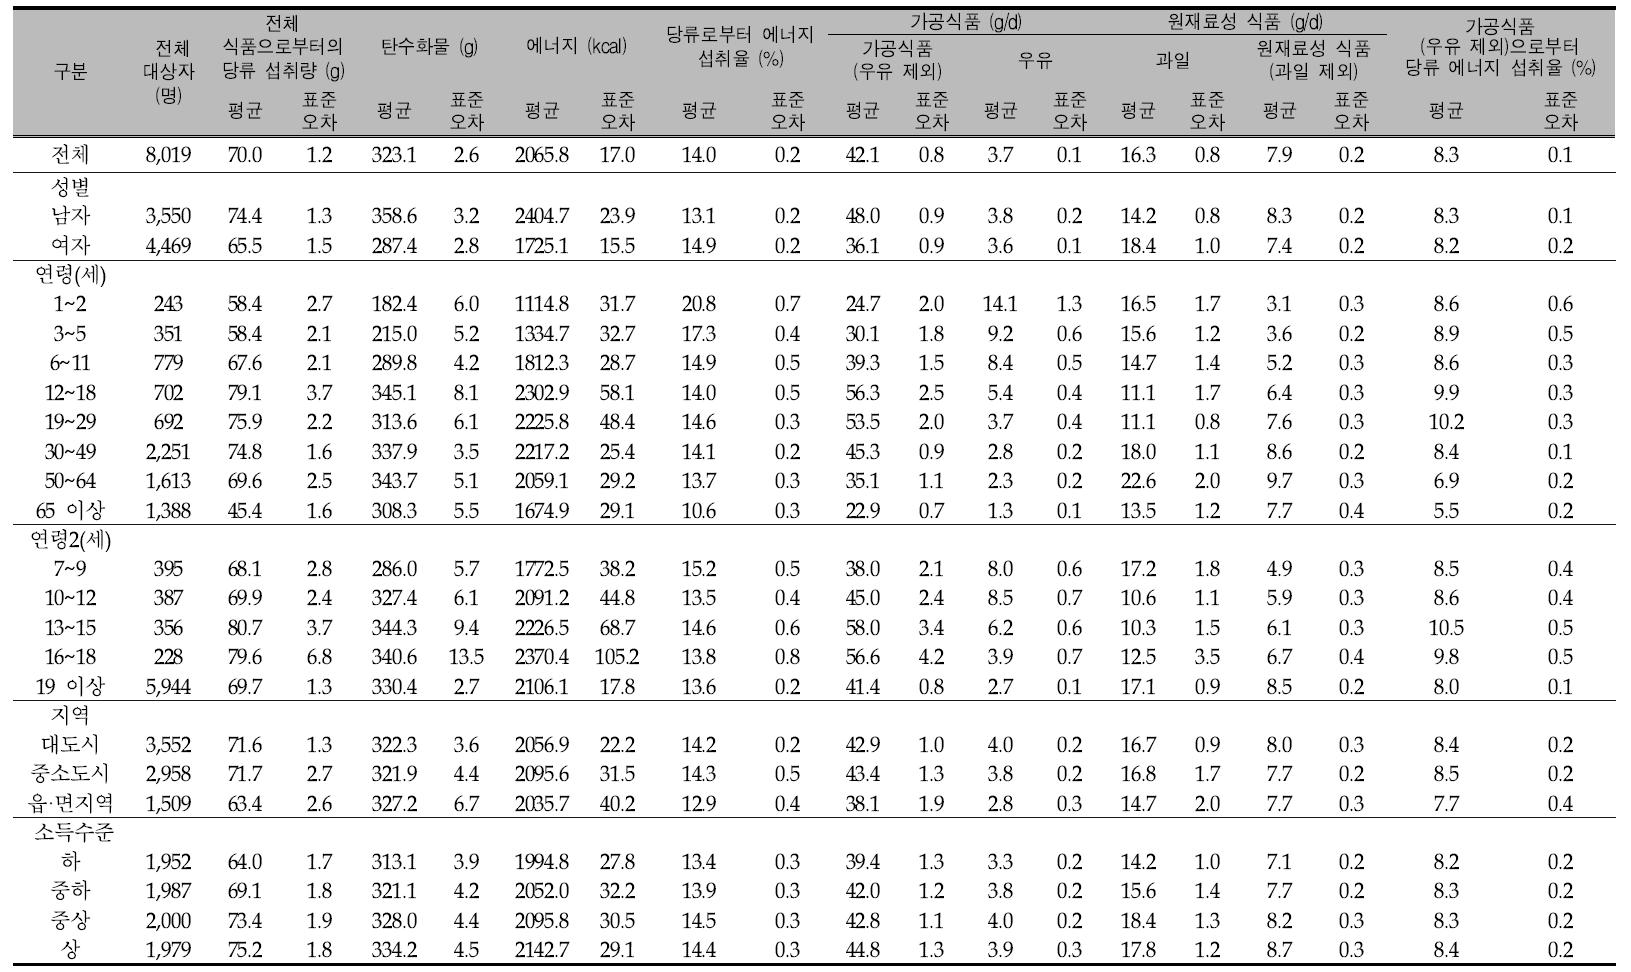 우리 국민의 1인1일 평균 당류 섭취량(성별, 연령별, 지역별, 소득수준별): 국민건강영양조사 2010년